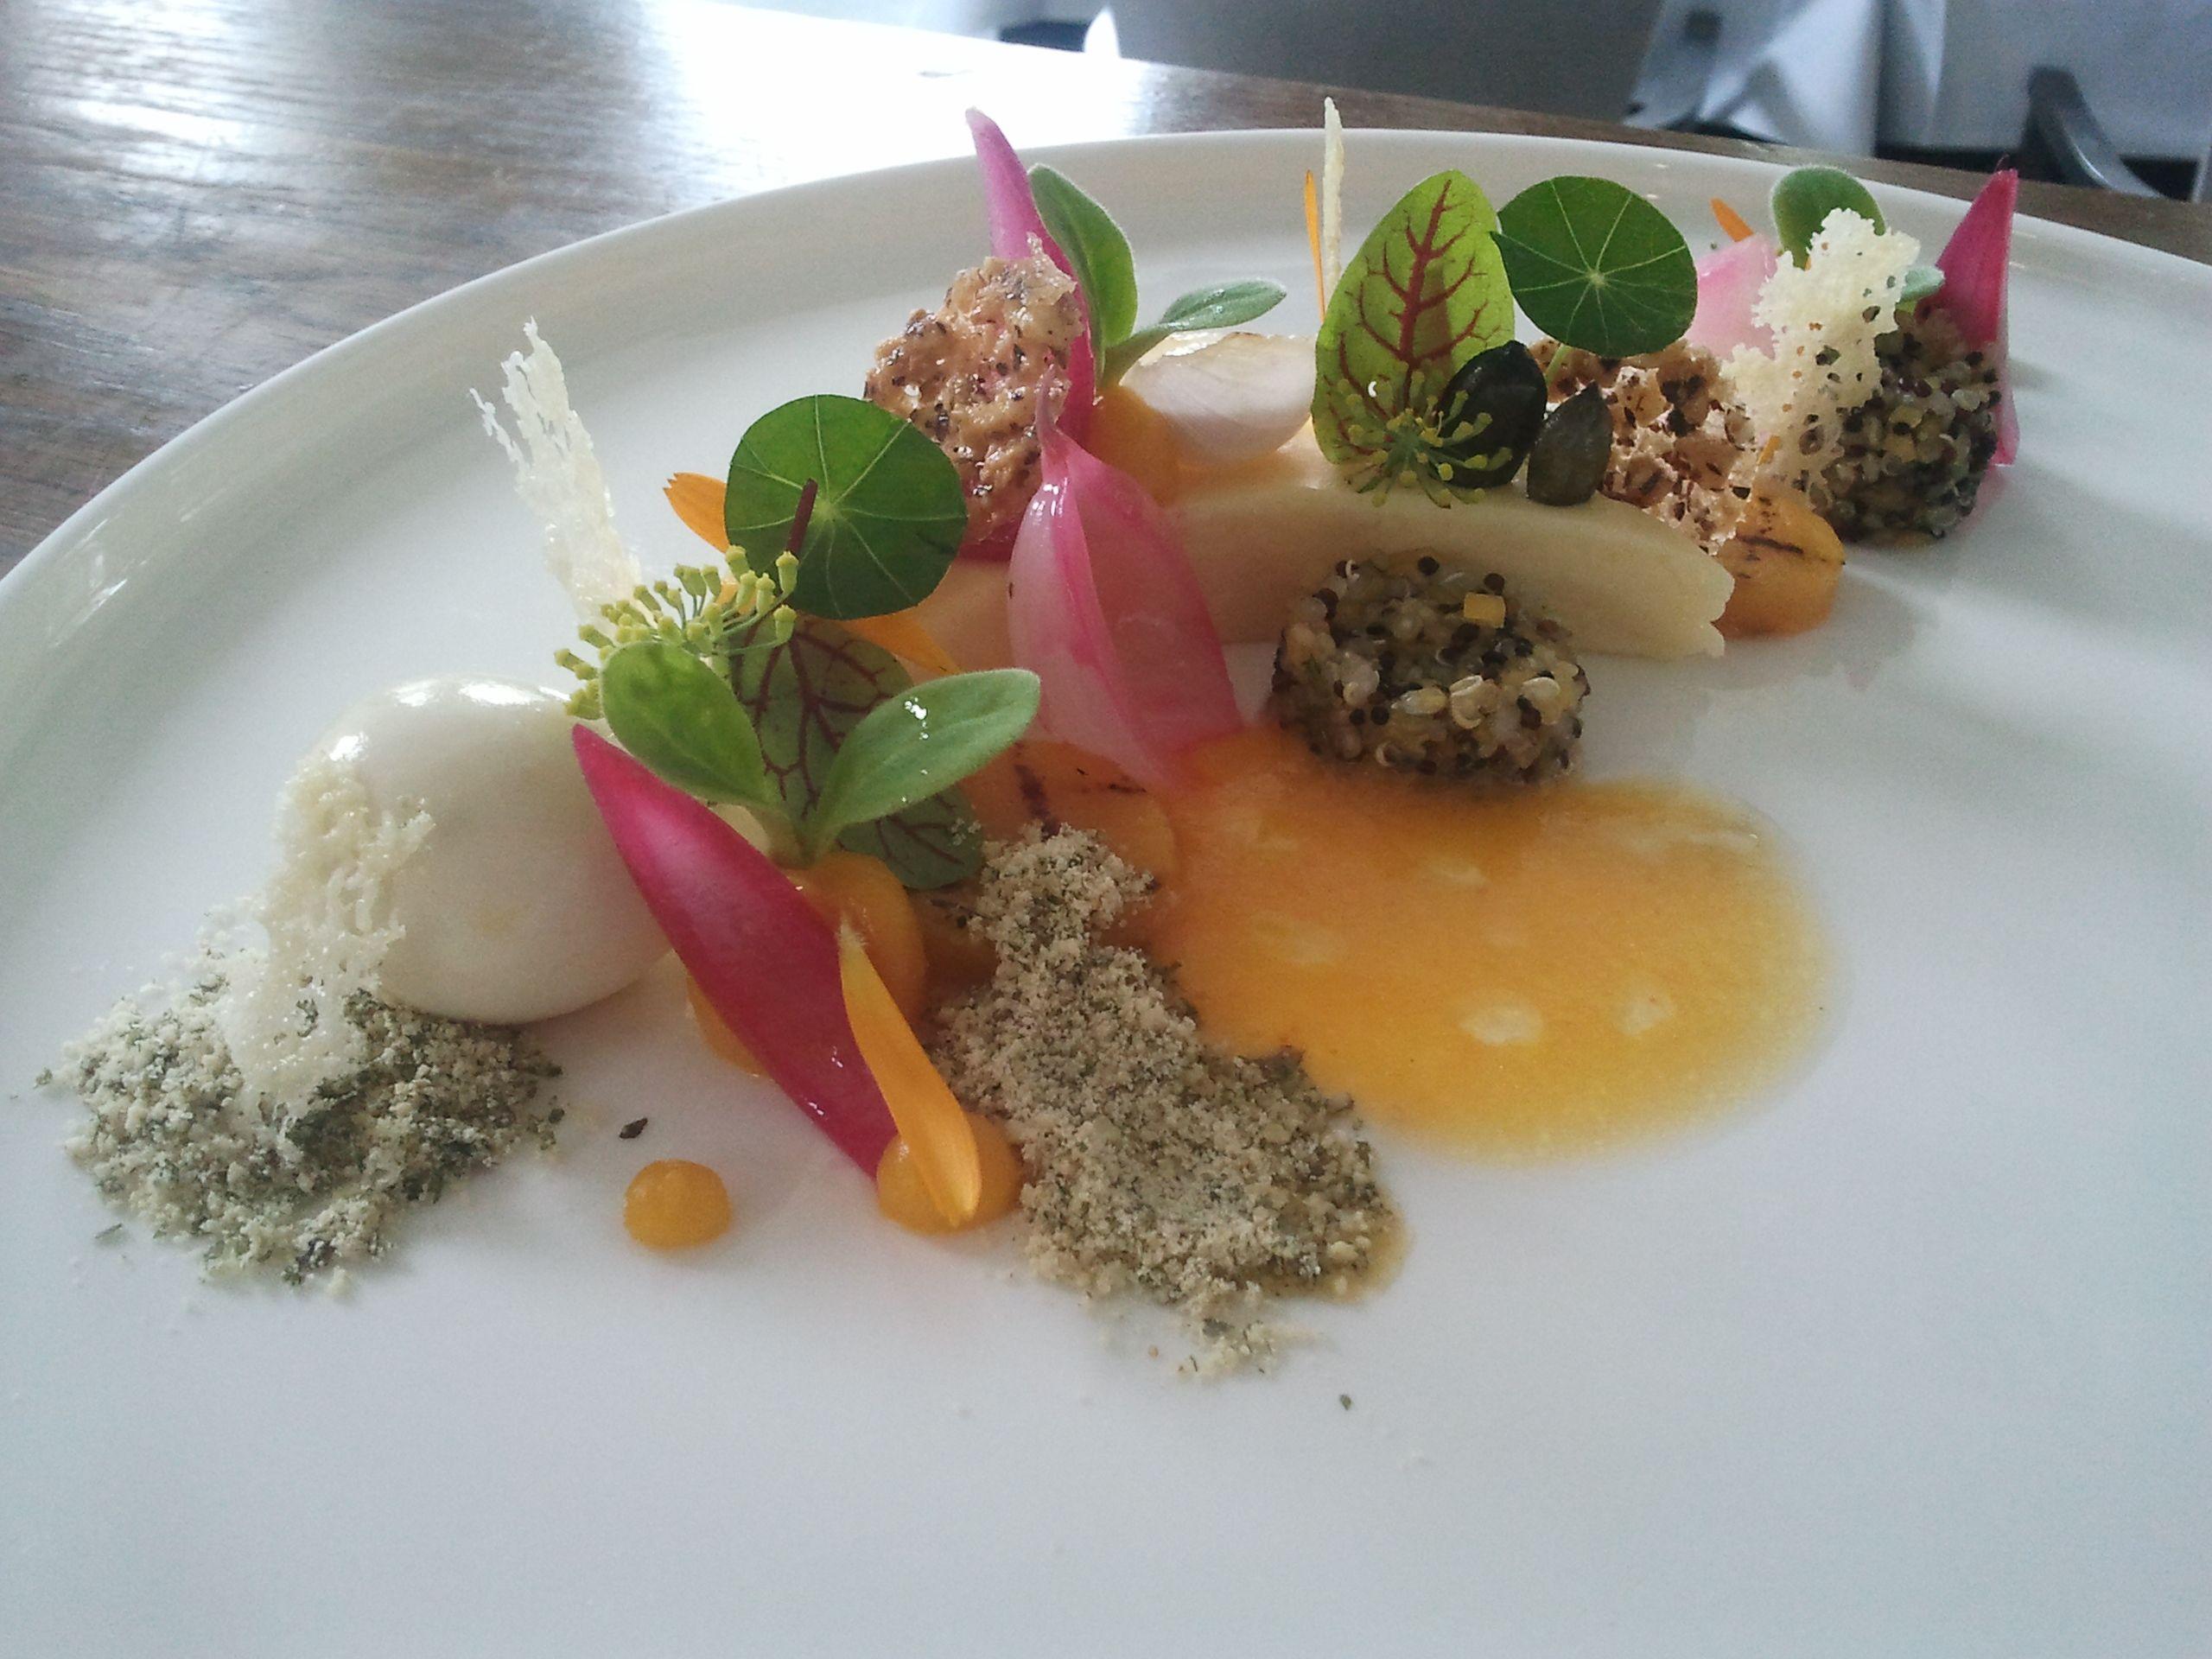 Vegetarisch recept pompoen, gierst, geitenkaas, hazelnoot, ui en paksoi van Restaurant Het Ambacht in Heerenveen: Dit heerlijke vegetarische recept...